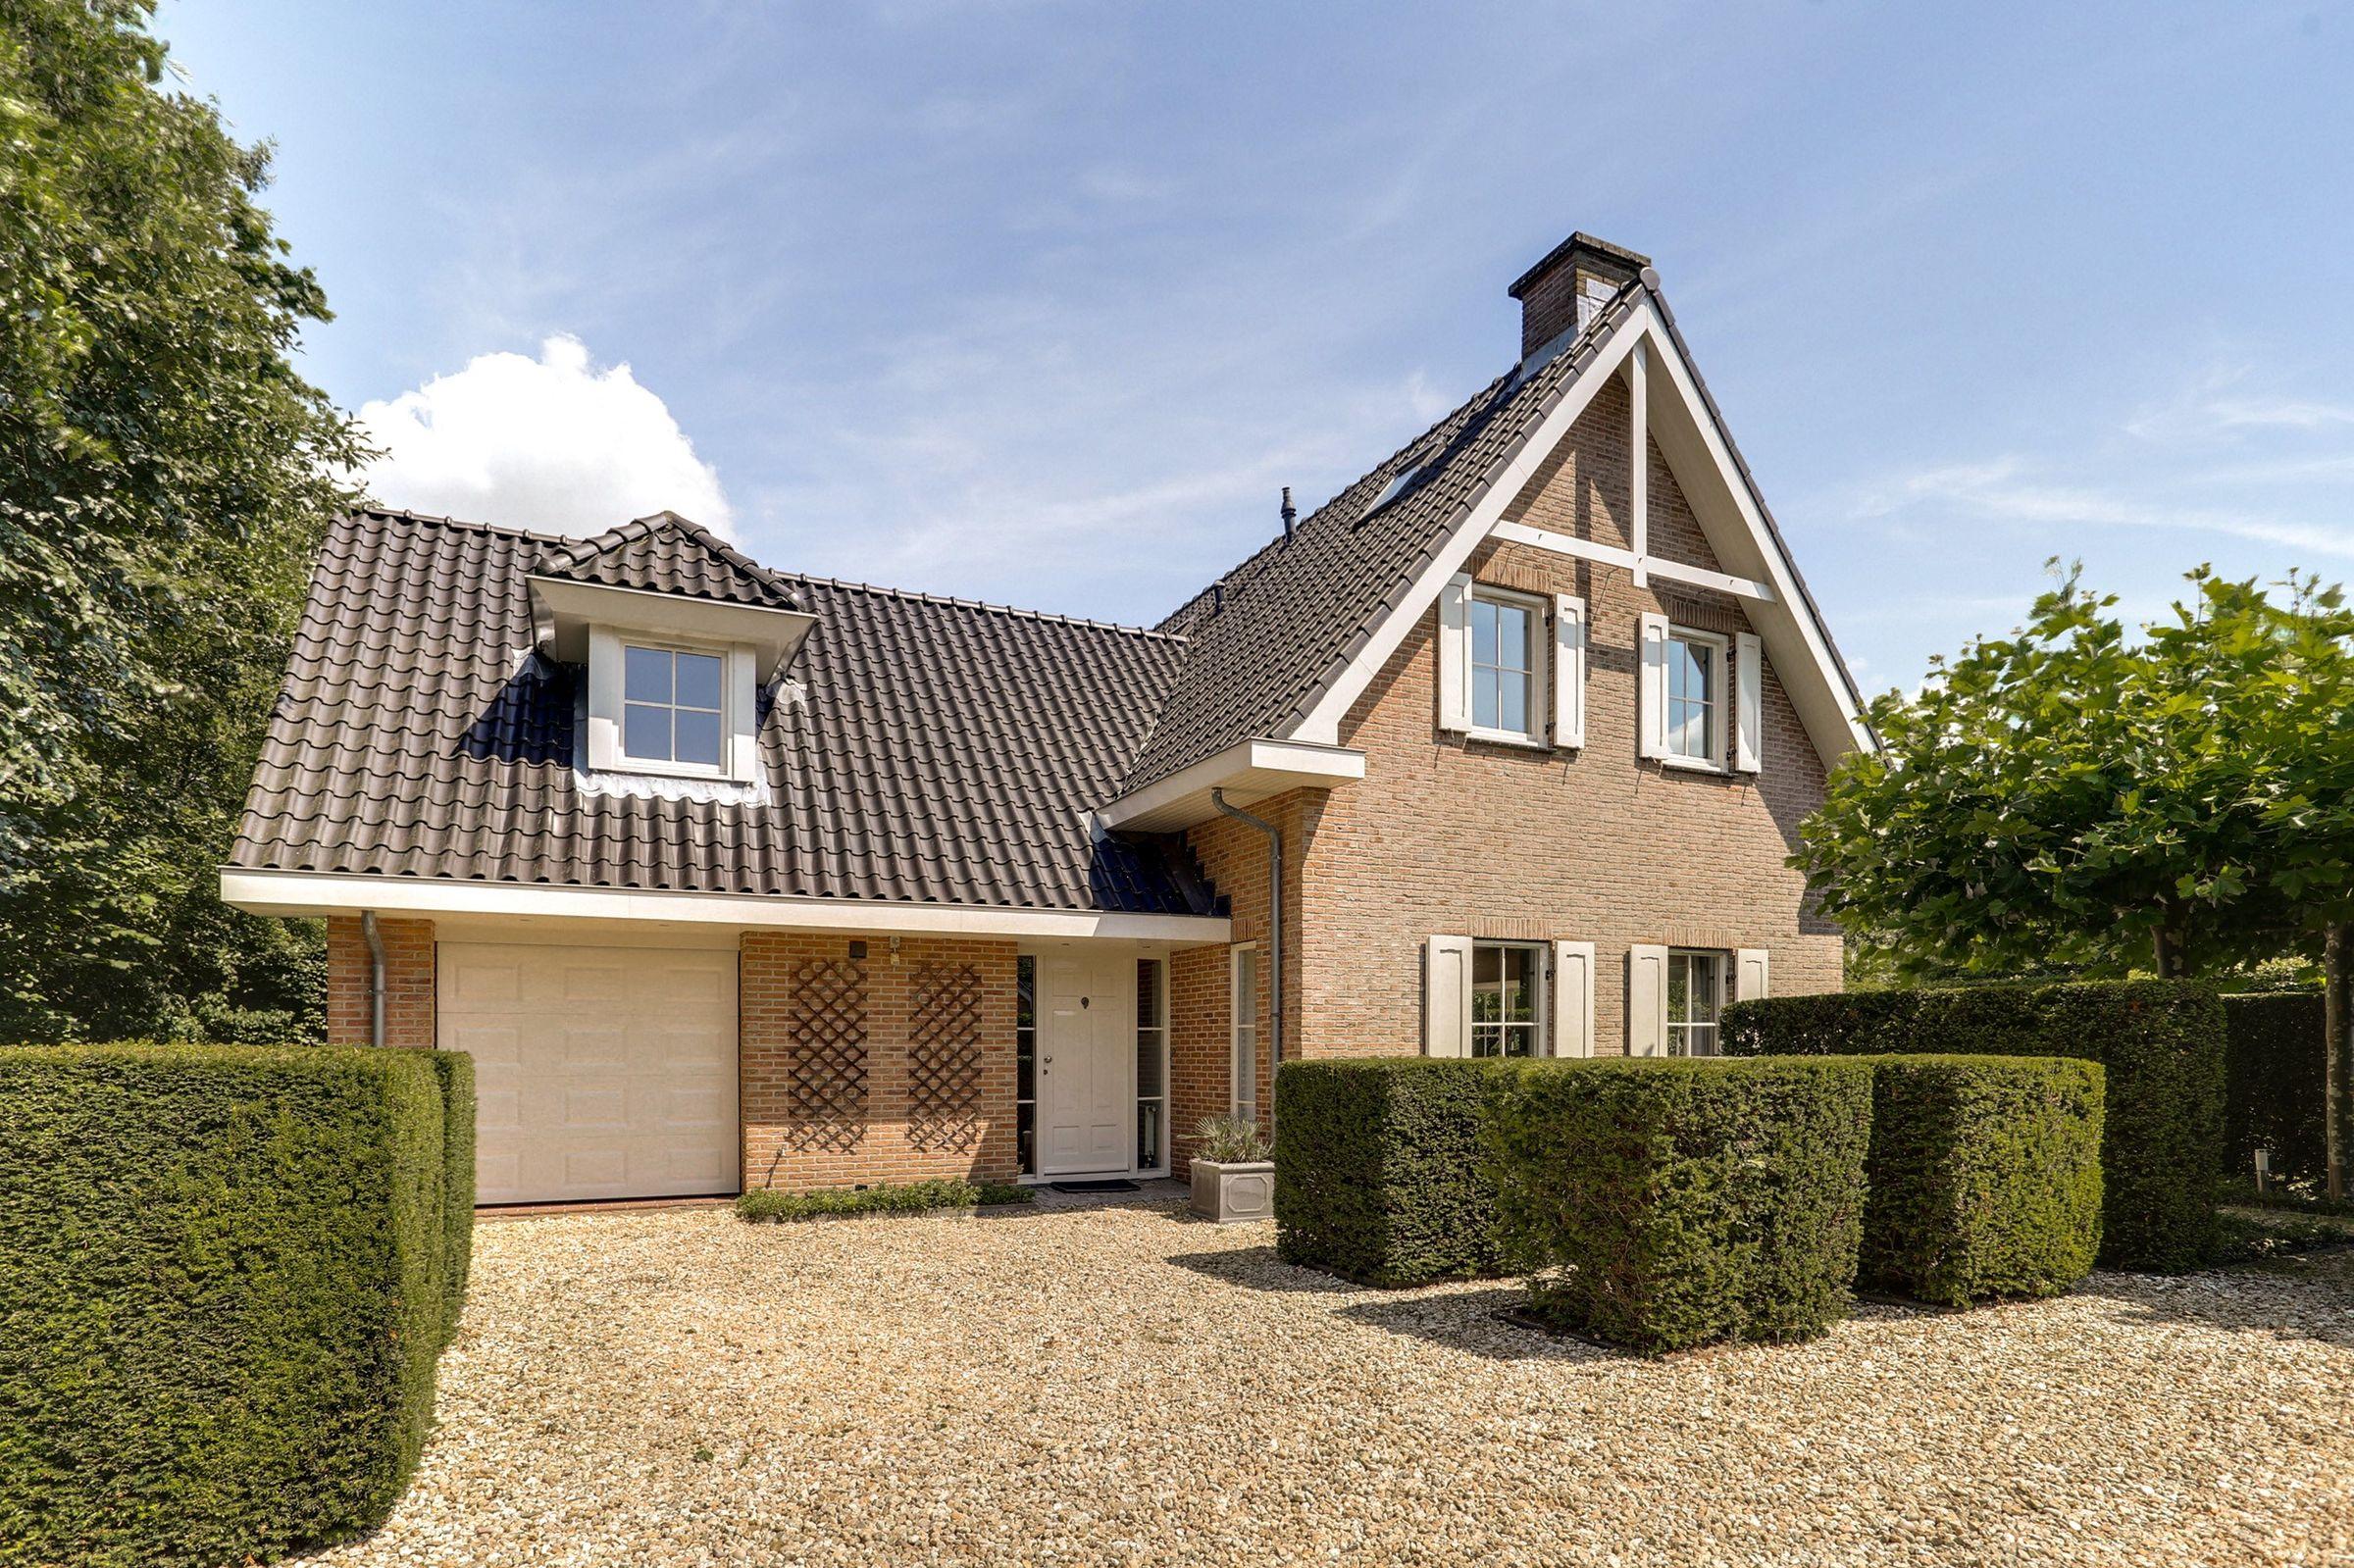 Buizerdlaan 4, Almere